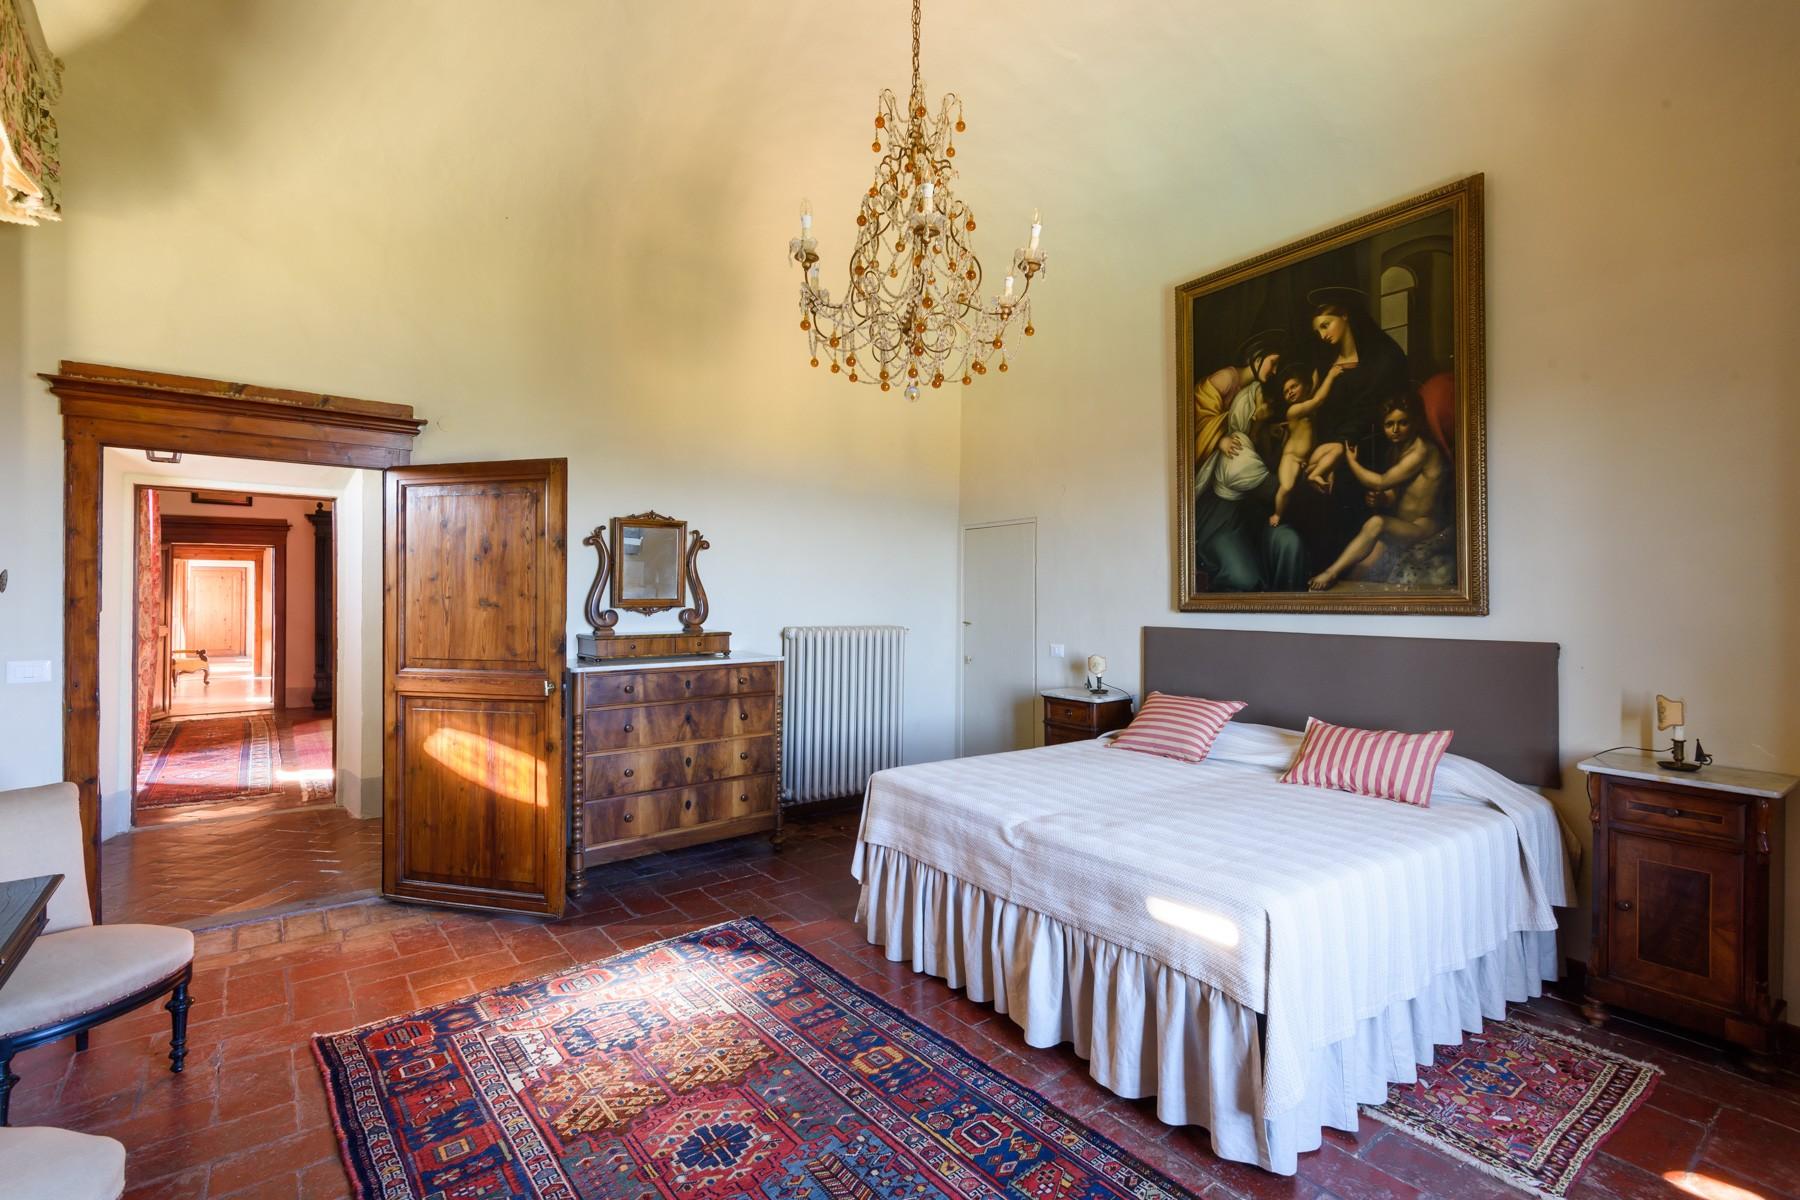 Villa in Vendita a Montaione: 5 locali, 15655 mq - Foto 12